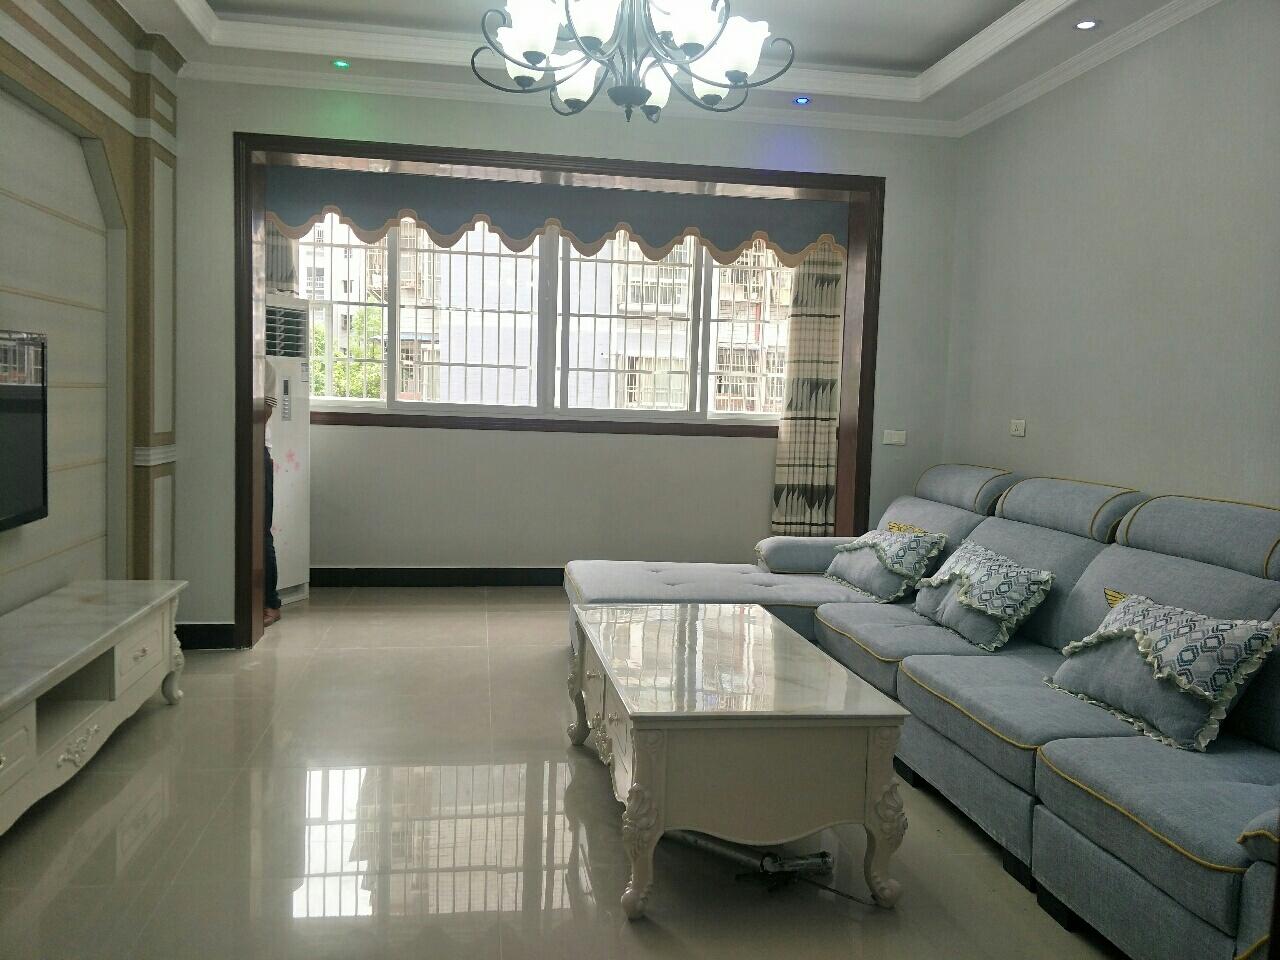 枫叶金岛3楼,精装带家具家电出售,可拎包入住,3室 2厅 2卫73万元